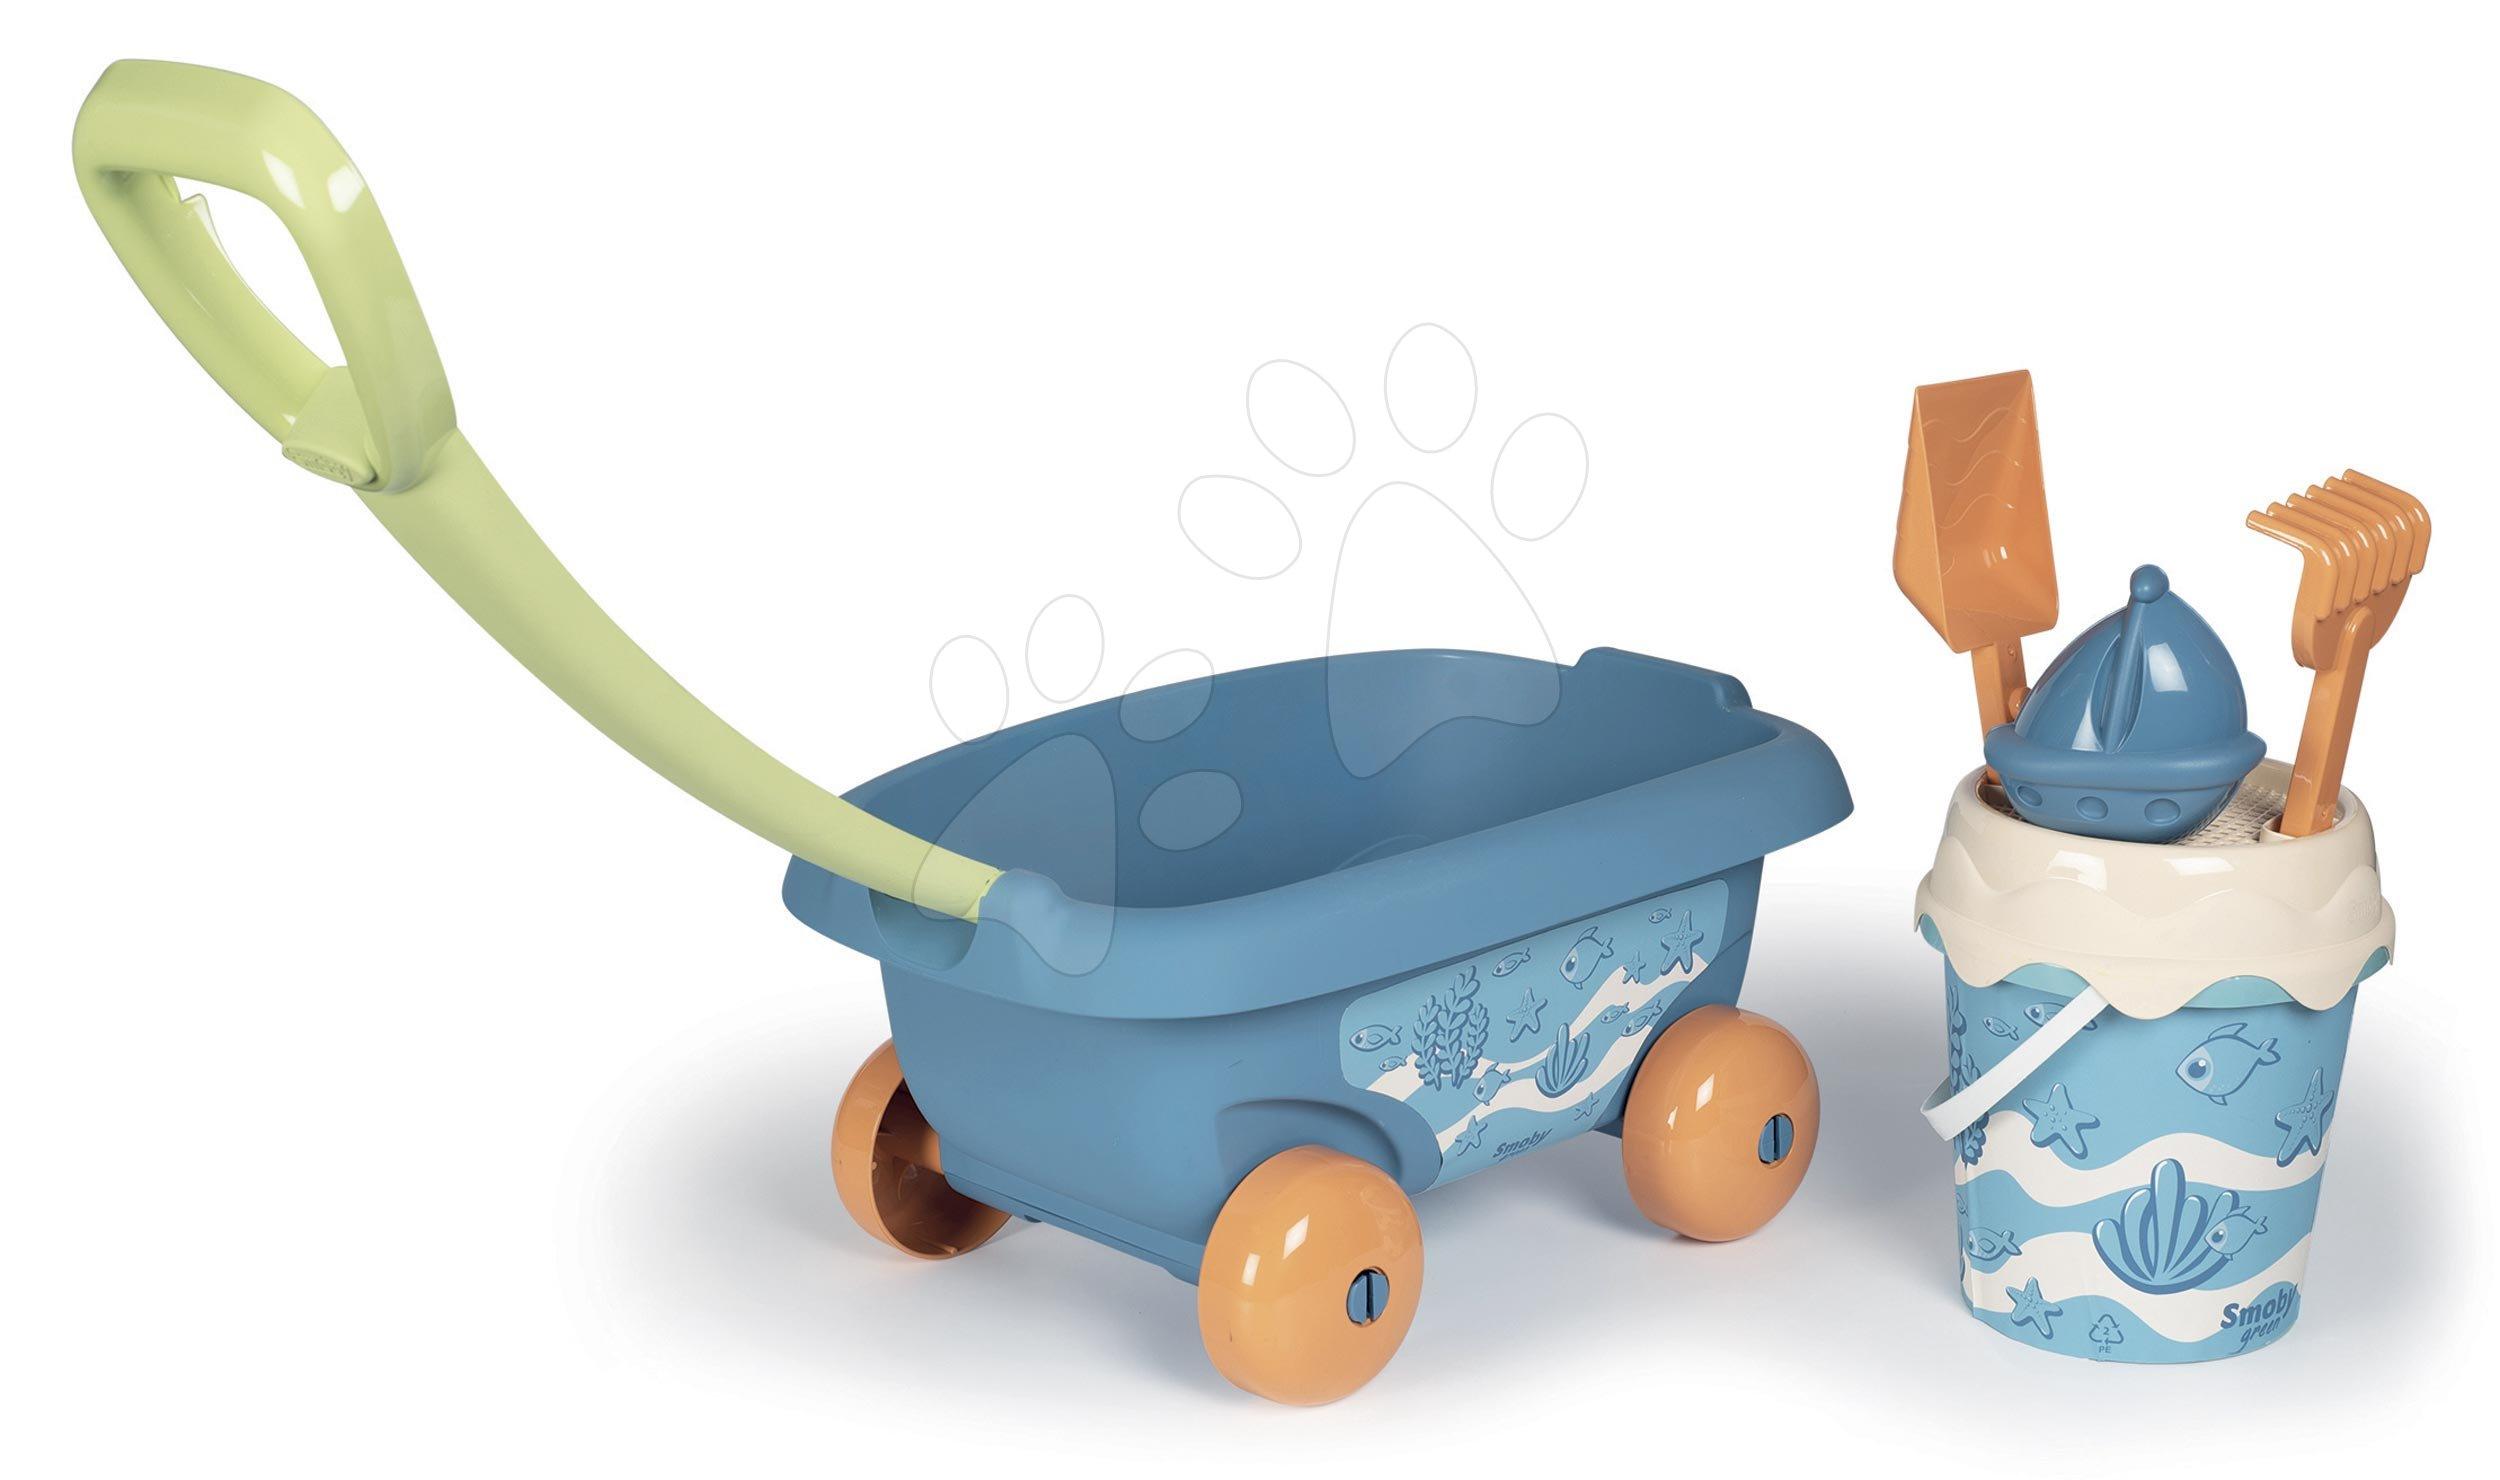 Homokozó talicskák - Húzható kiskocsi cukornádból Bio Sugar Cane Beach Cart Smoby vödörrel a Smoby Green 100% újrahasznosítható kollekcióból 18 hó-tól